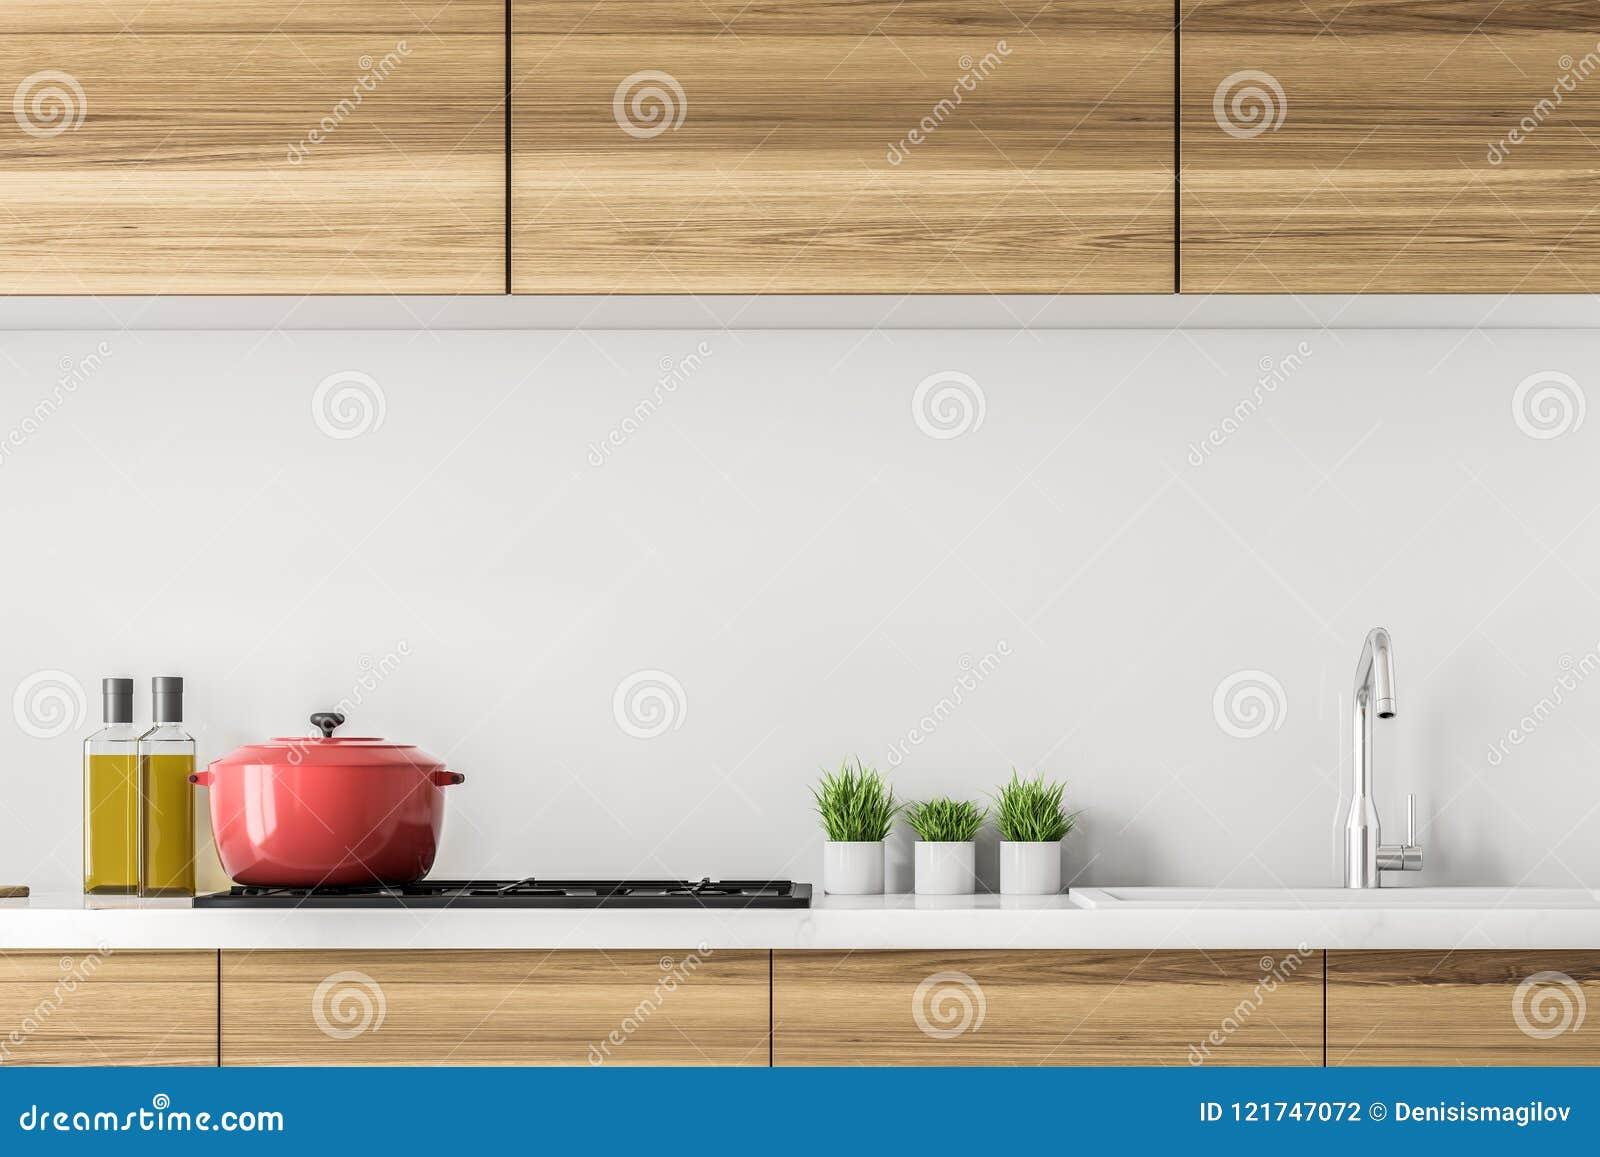 Hölzerne Küchenarbeitsplatte mit einem Kocher